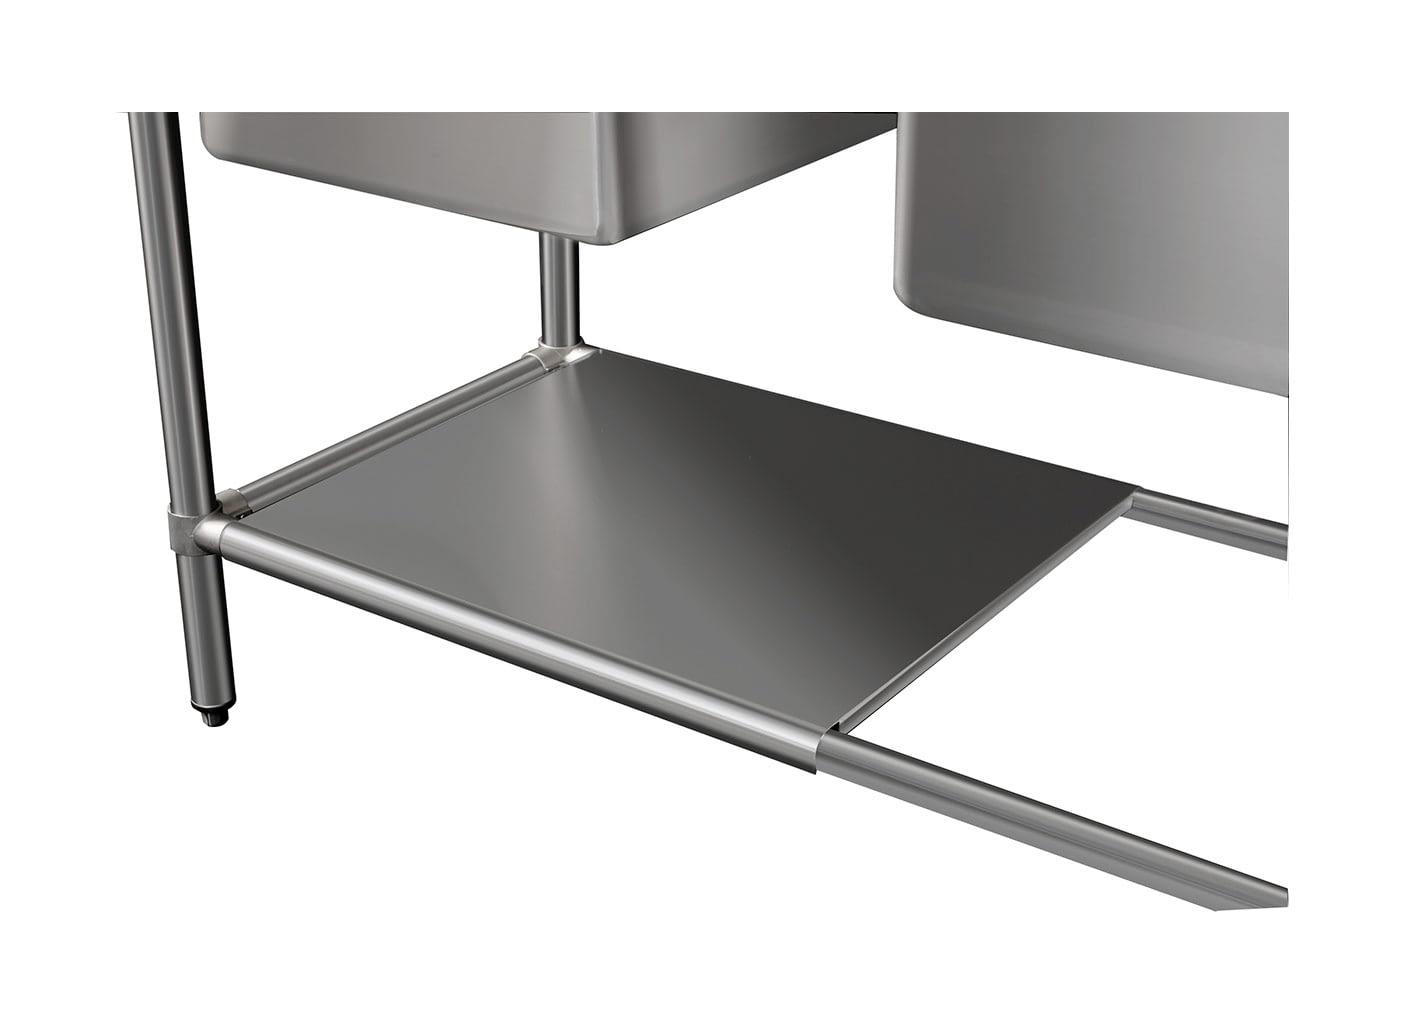 Sinkshelf To Fit 700mm Width Sink